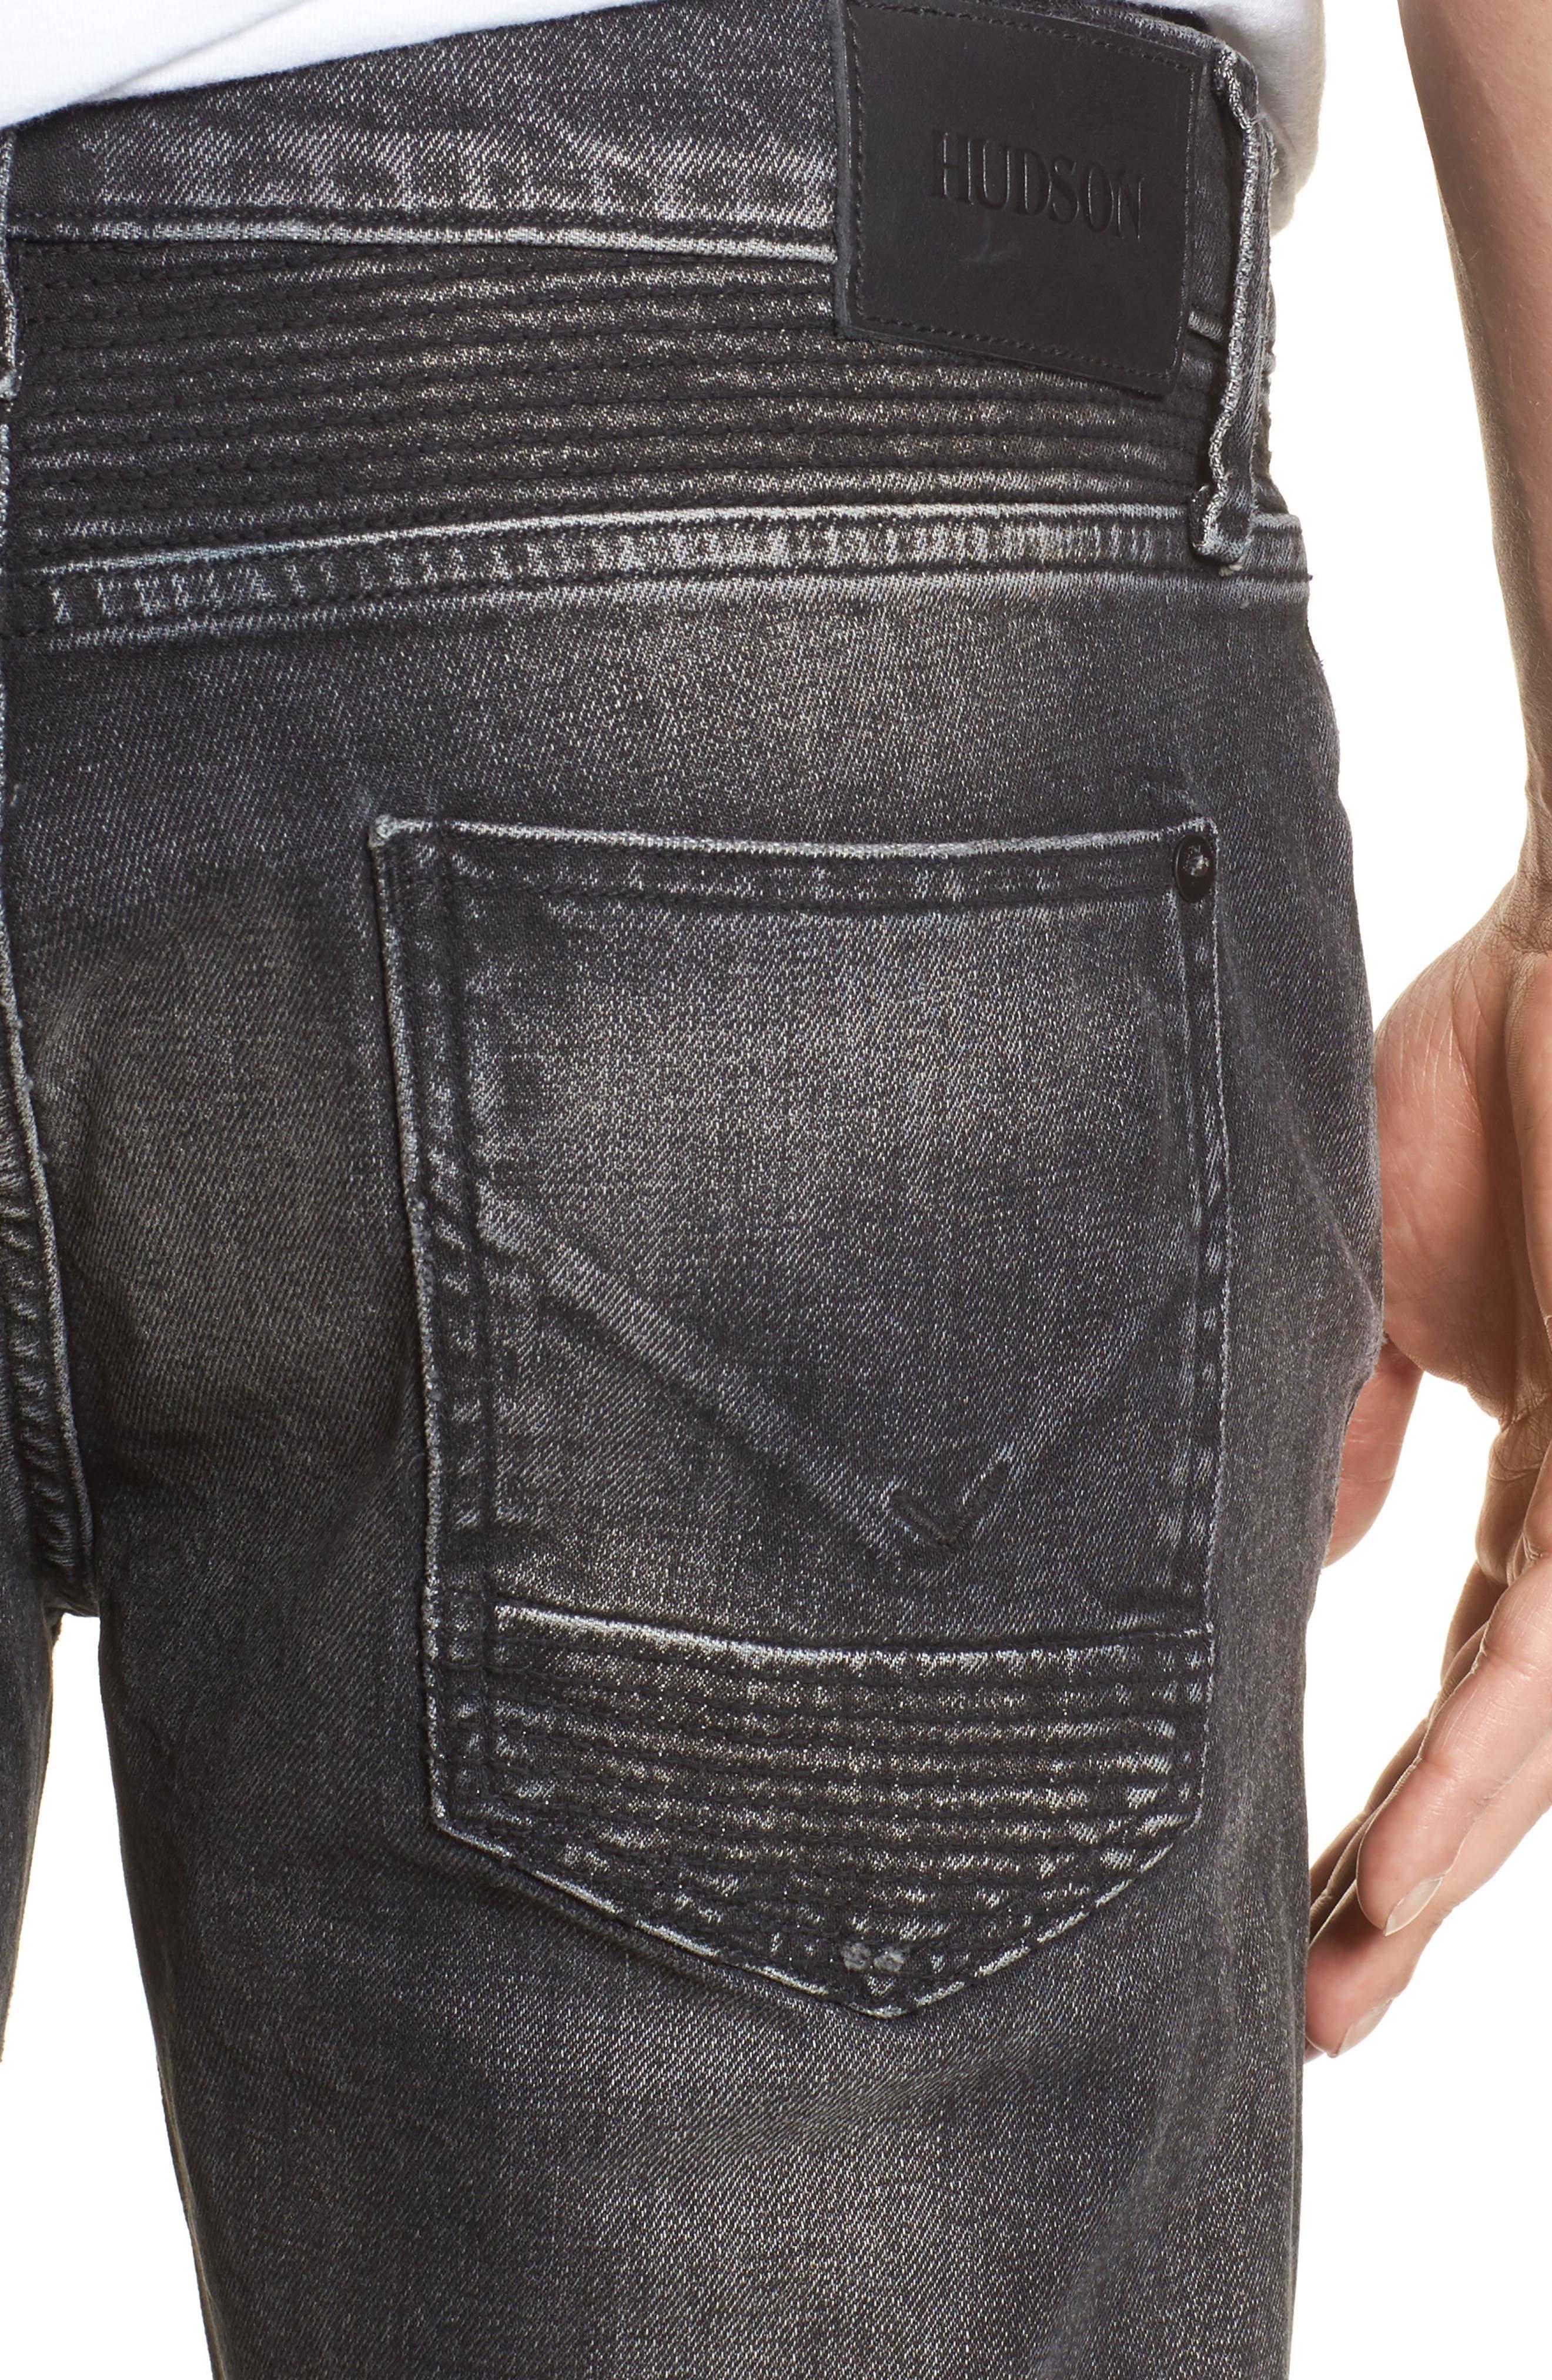 Blinder Biker Skinny Fit Jeans,                             Alternate thumbnail 4, color,                             Hacker